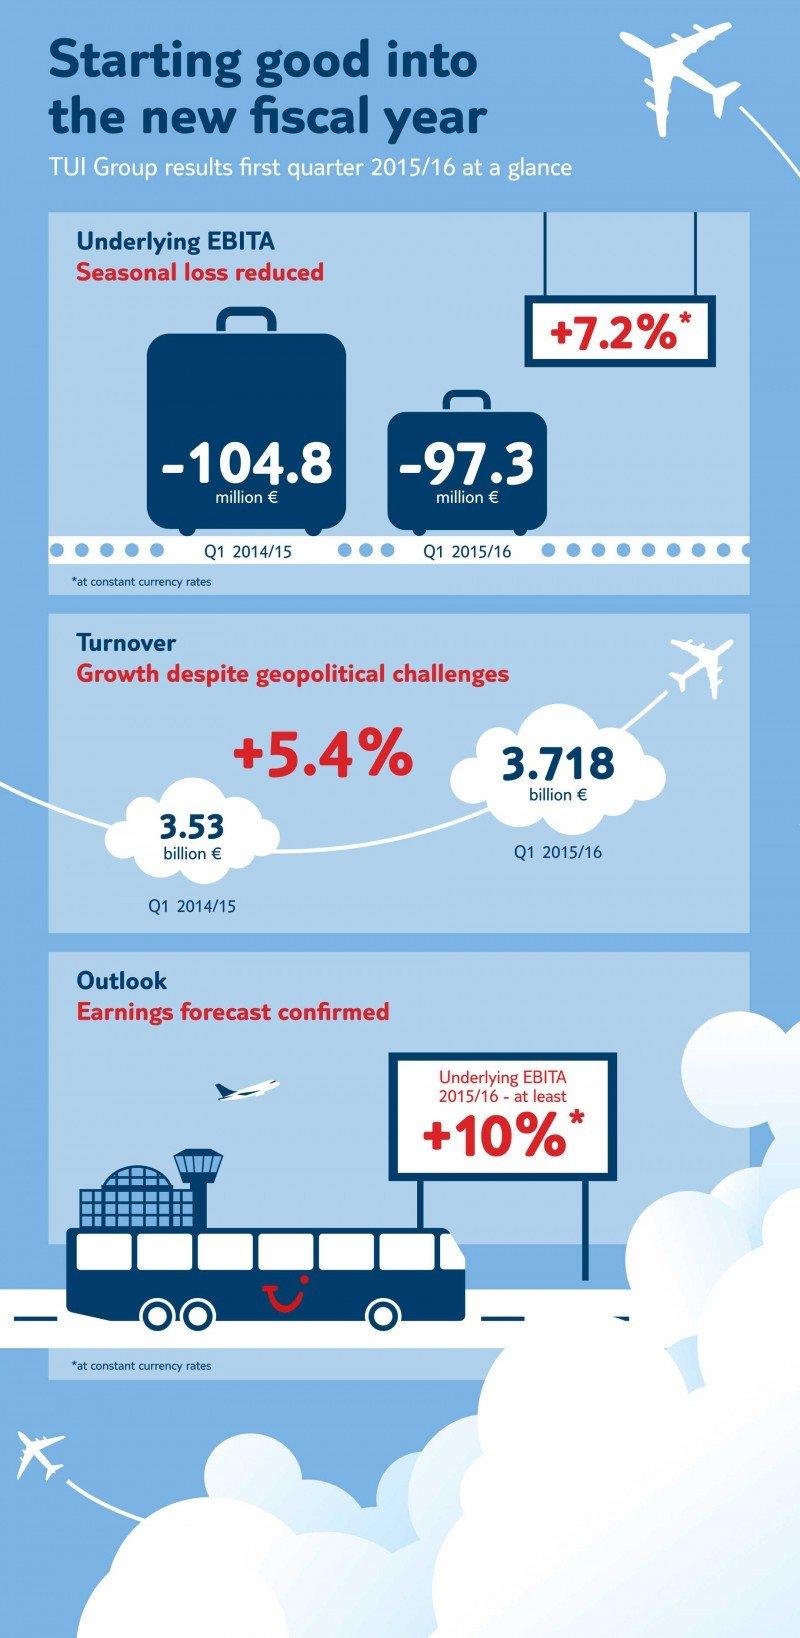 TUI Group factura 3.720 M € en su primer trimestre fiscal, un 5,4% más